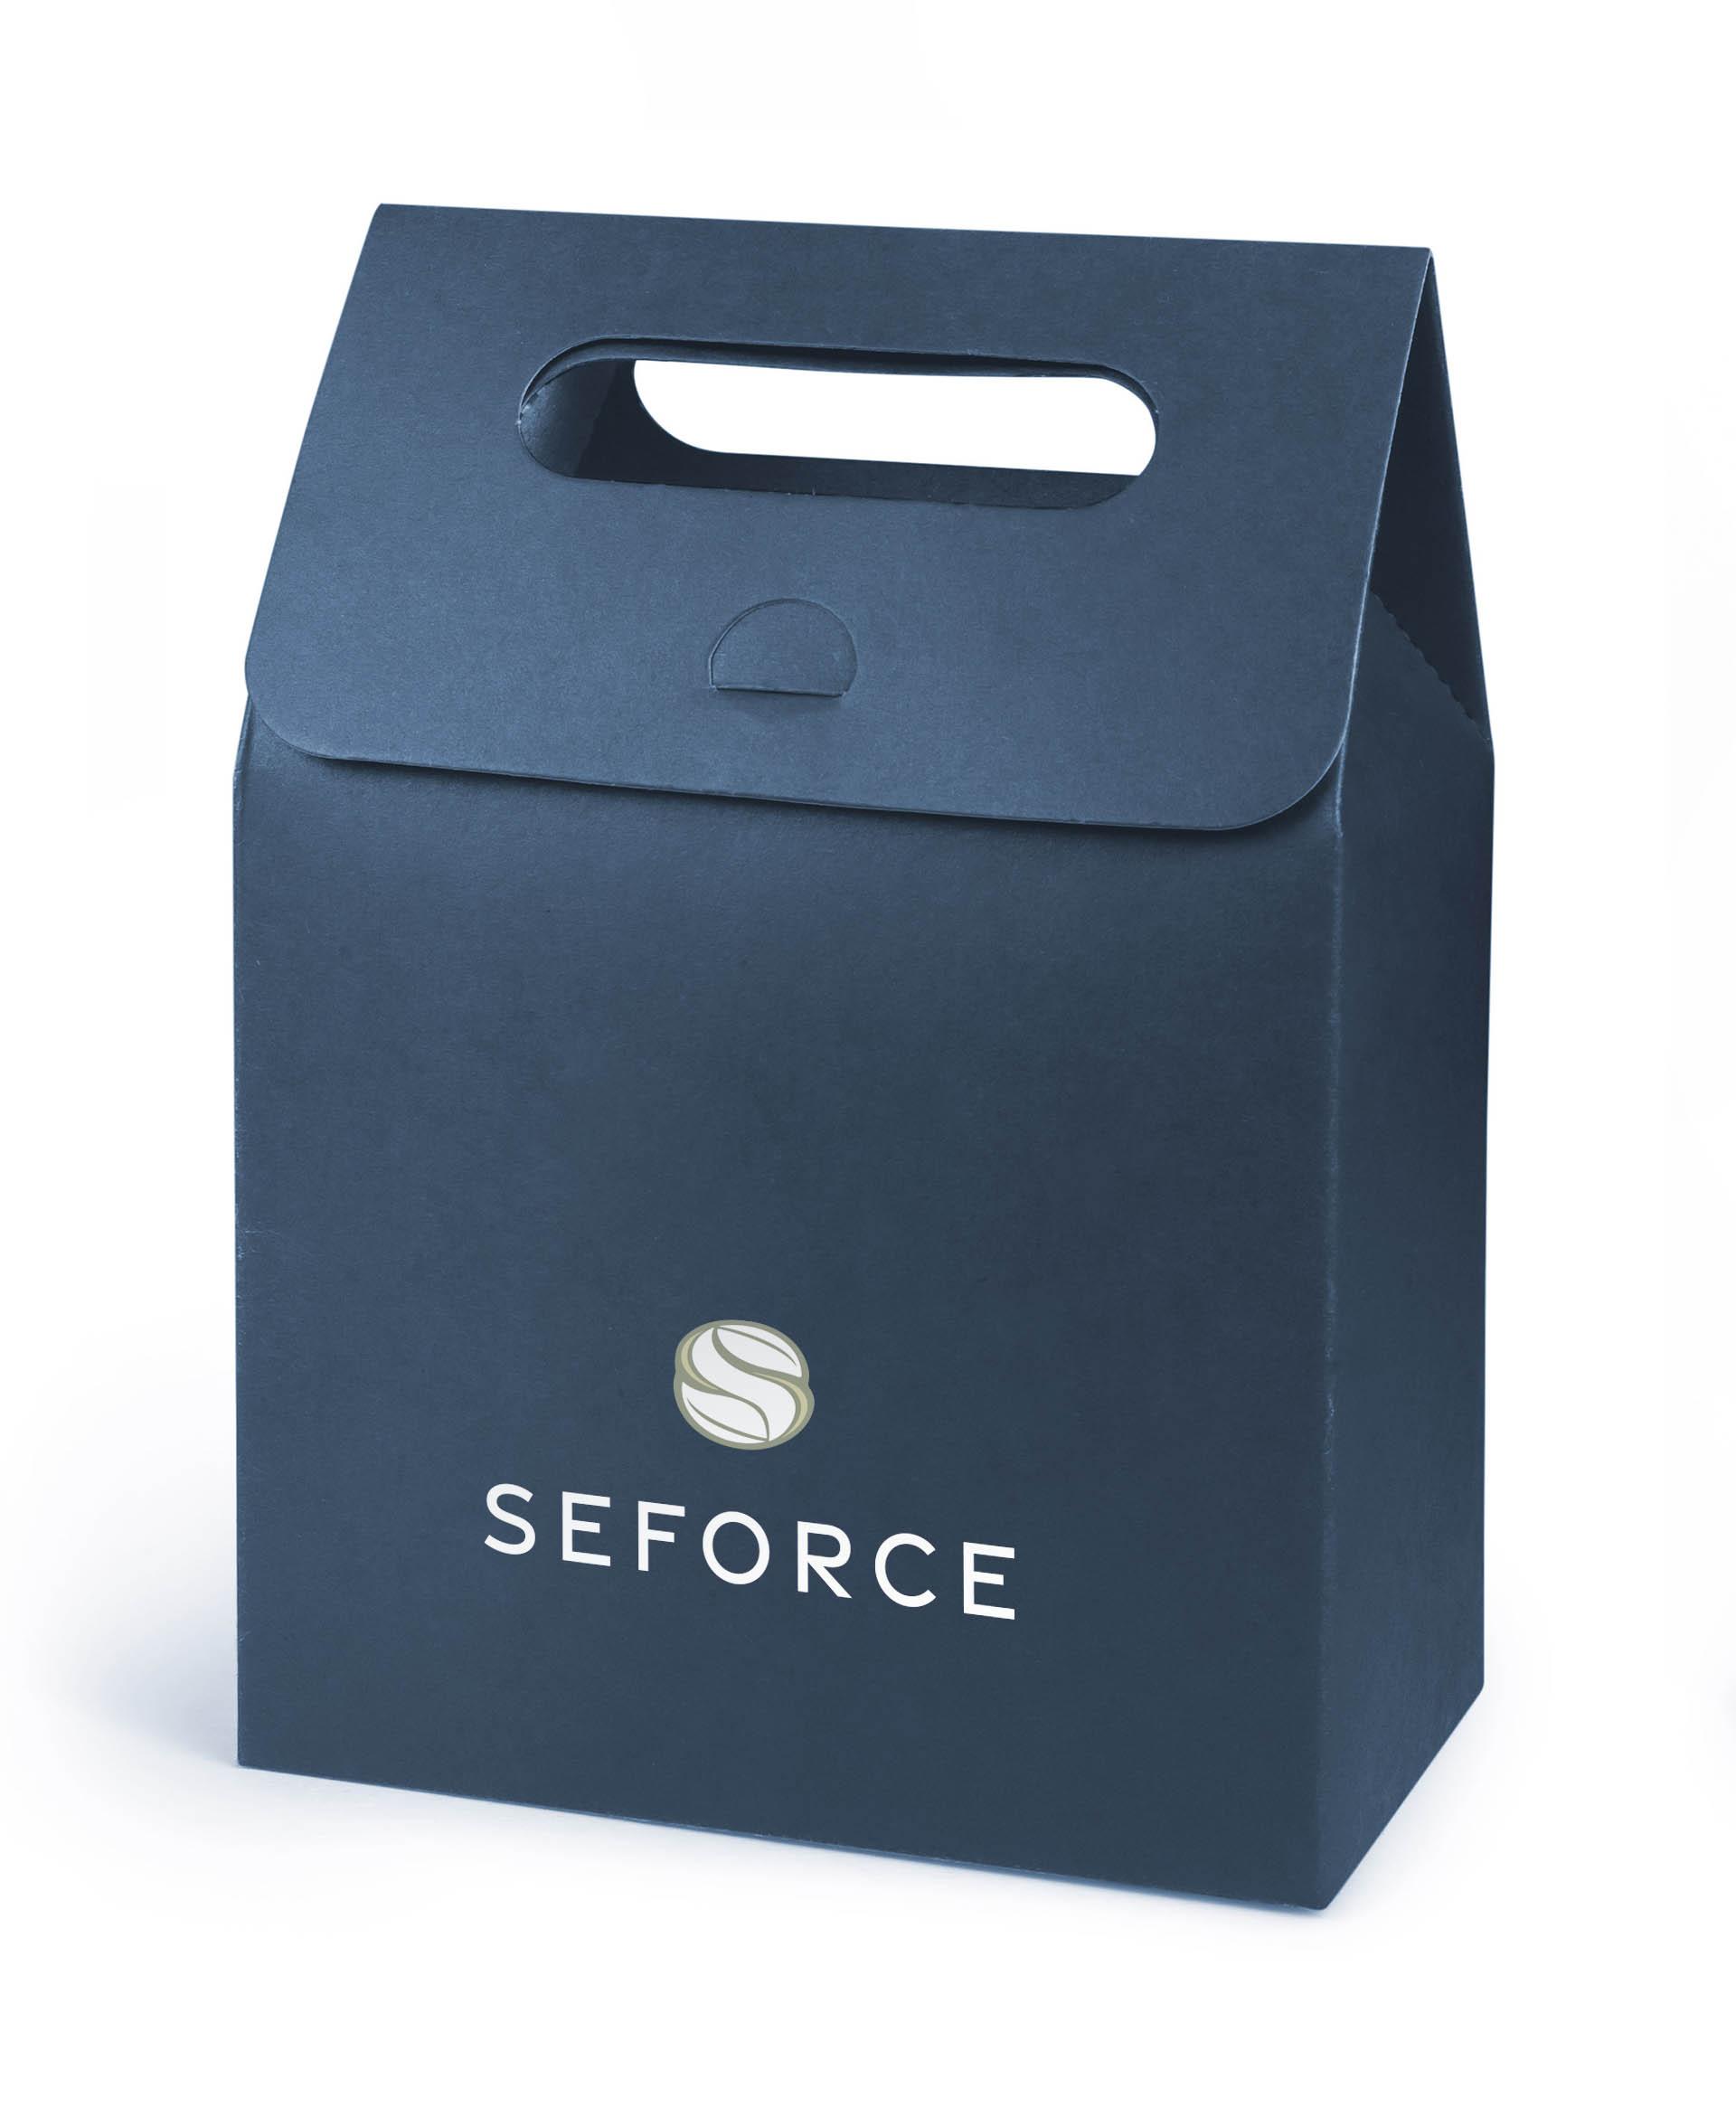 Seforce package branding.